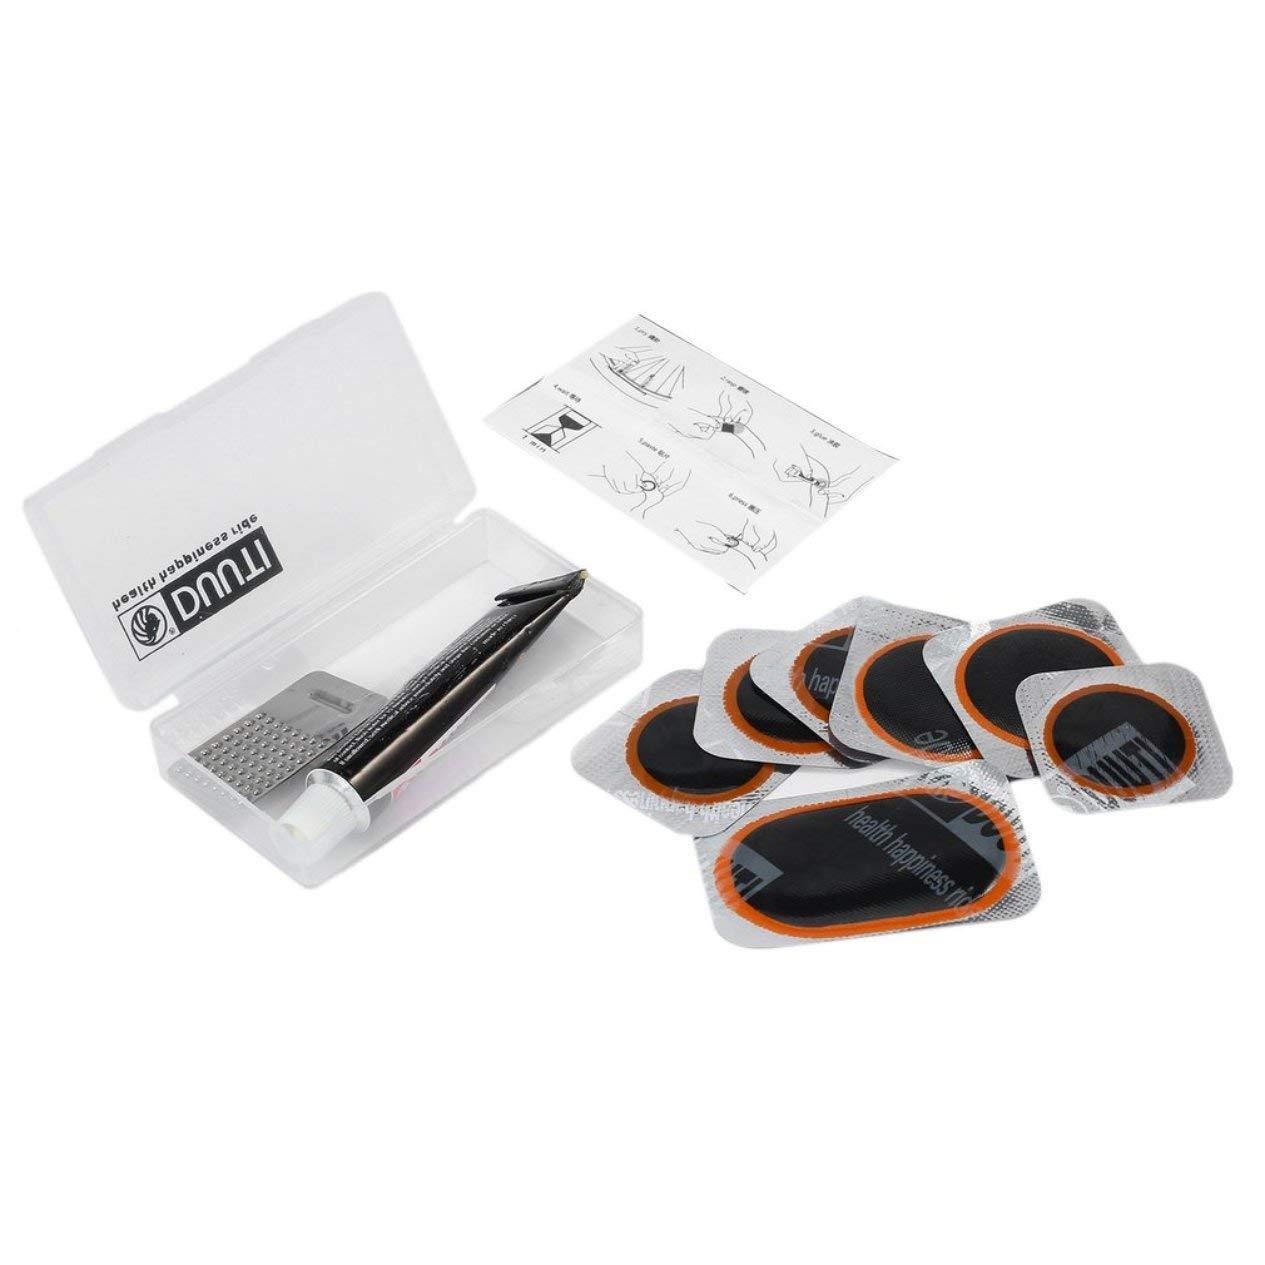 EdBerk74 V/élo V/élo R/éparation Kit Fix en Caoutchouc Pneu Pneu Tube Patch Patch Ensemble De Colle V/élo V/élo R/éparation Accessoires